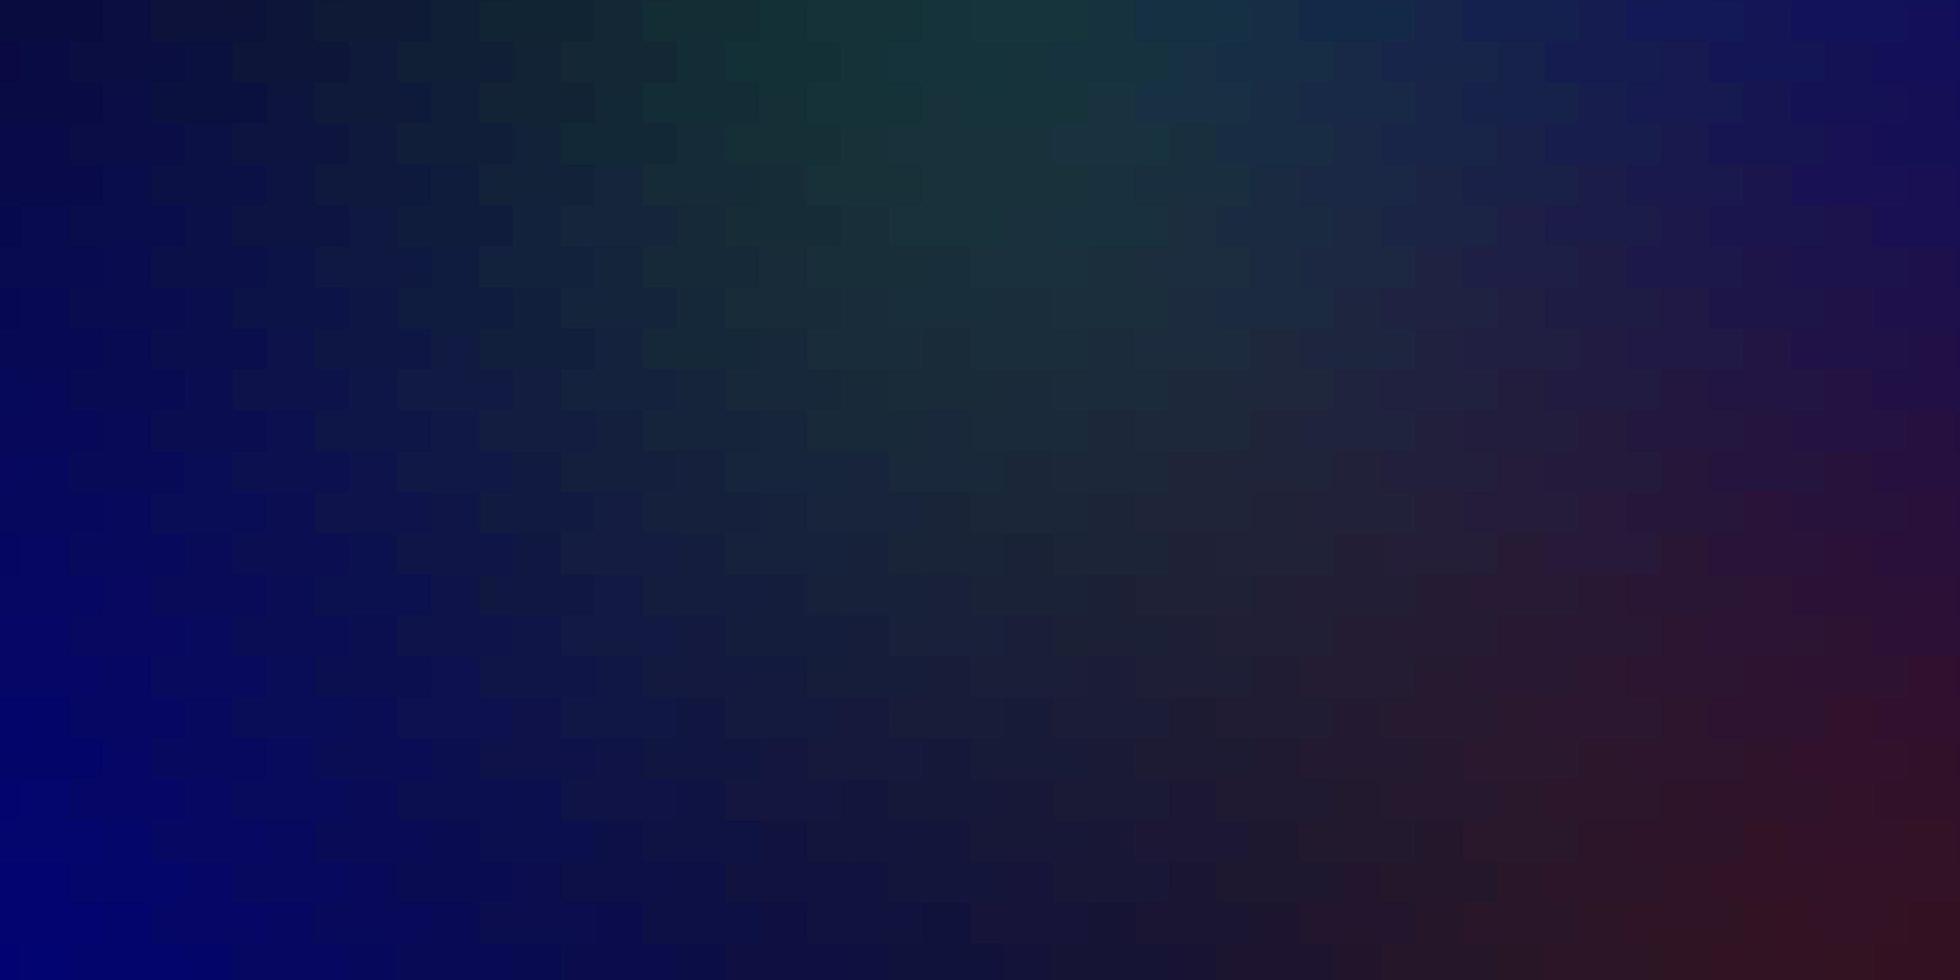 ljusblå, röd vektorstruktur i rektangulär stil. vektor